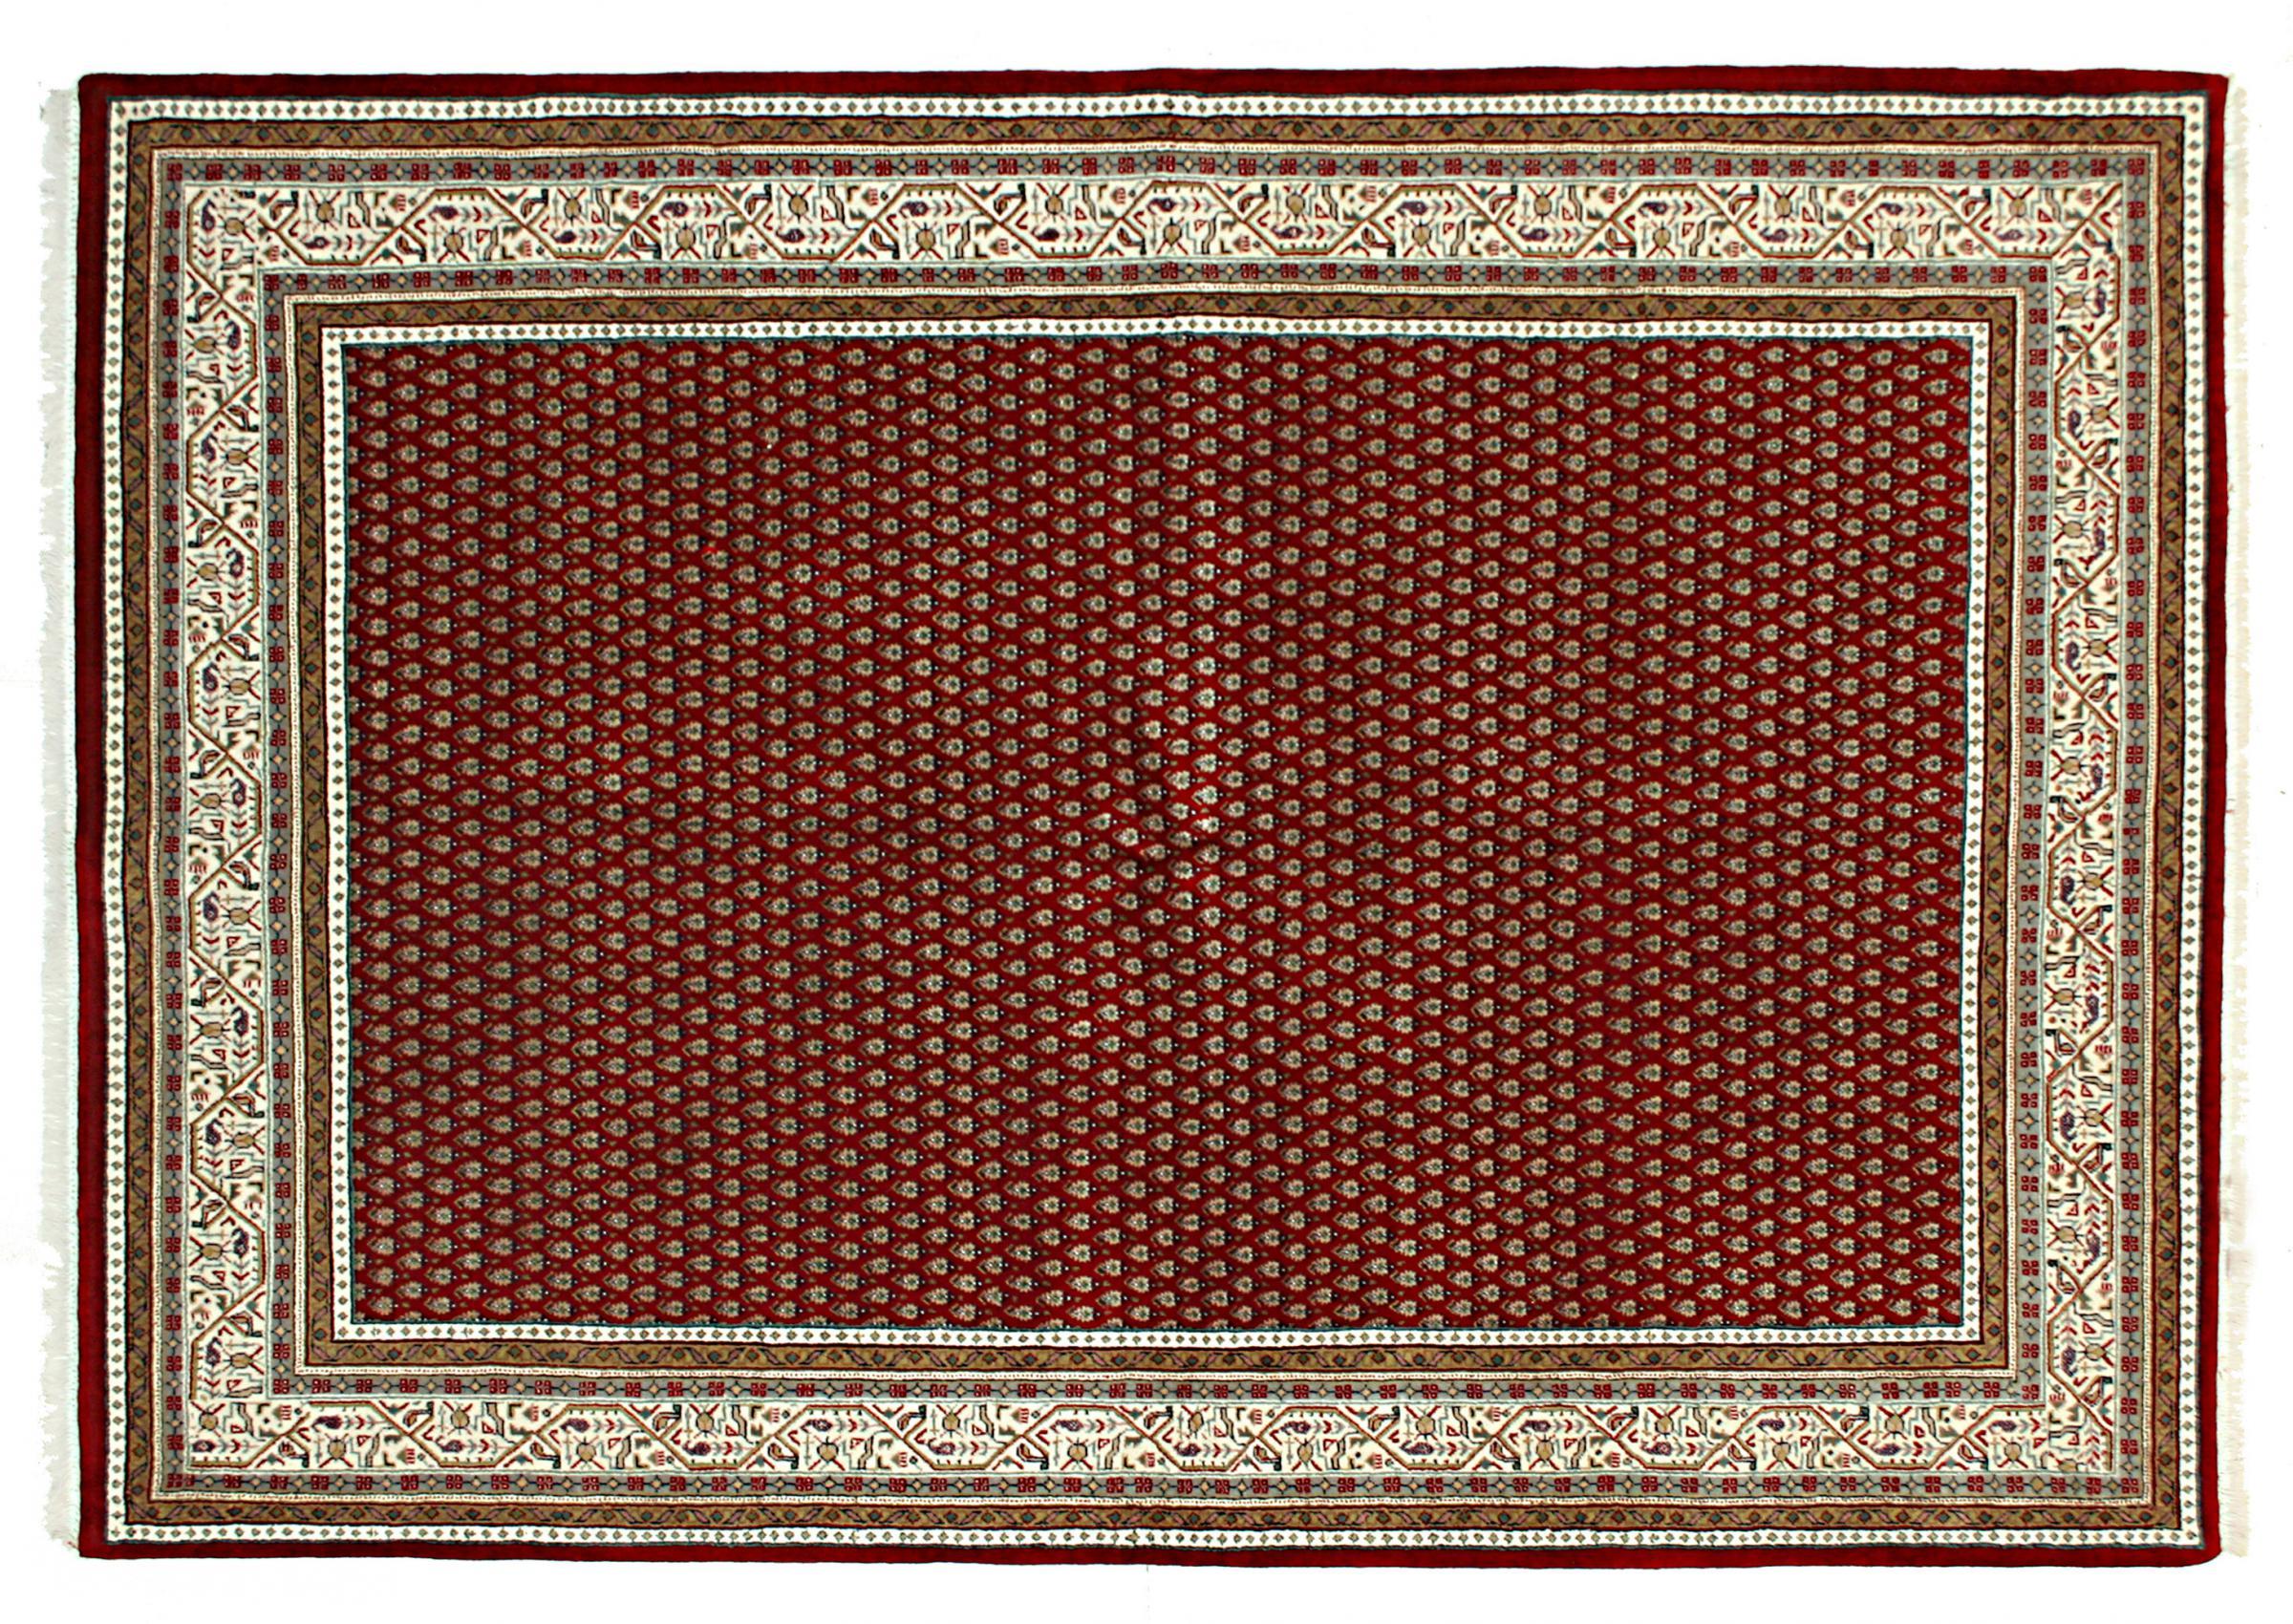 indo mir indischer teppich 347x247 id27490 kaufen sie ihren orientteppich i 350x250 bei. Black Bedroom Furniture Sets. Home Design Ideas